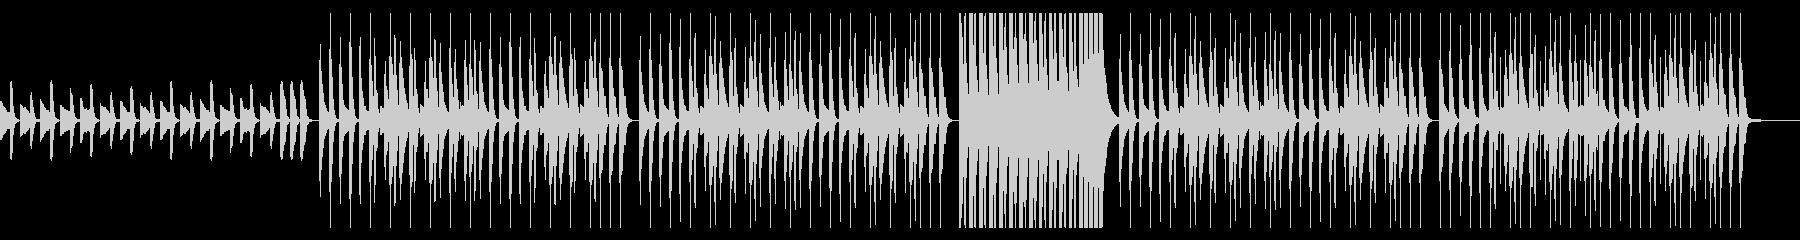 ピアノとマリンバが可愛いリラックス日常曲の未再生の波形